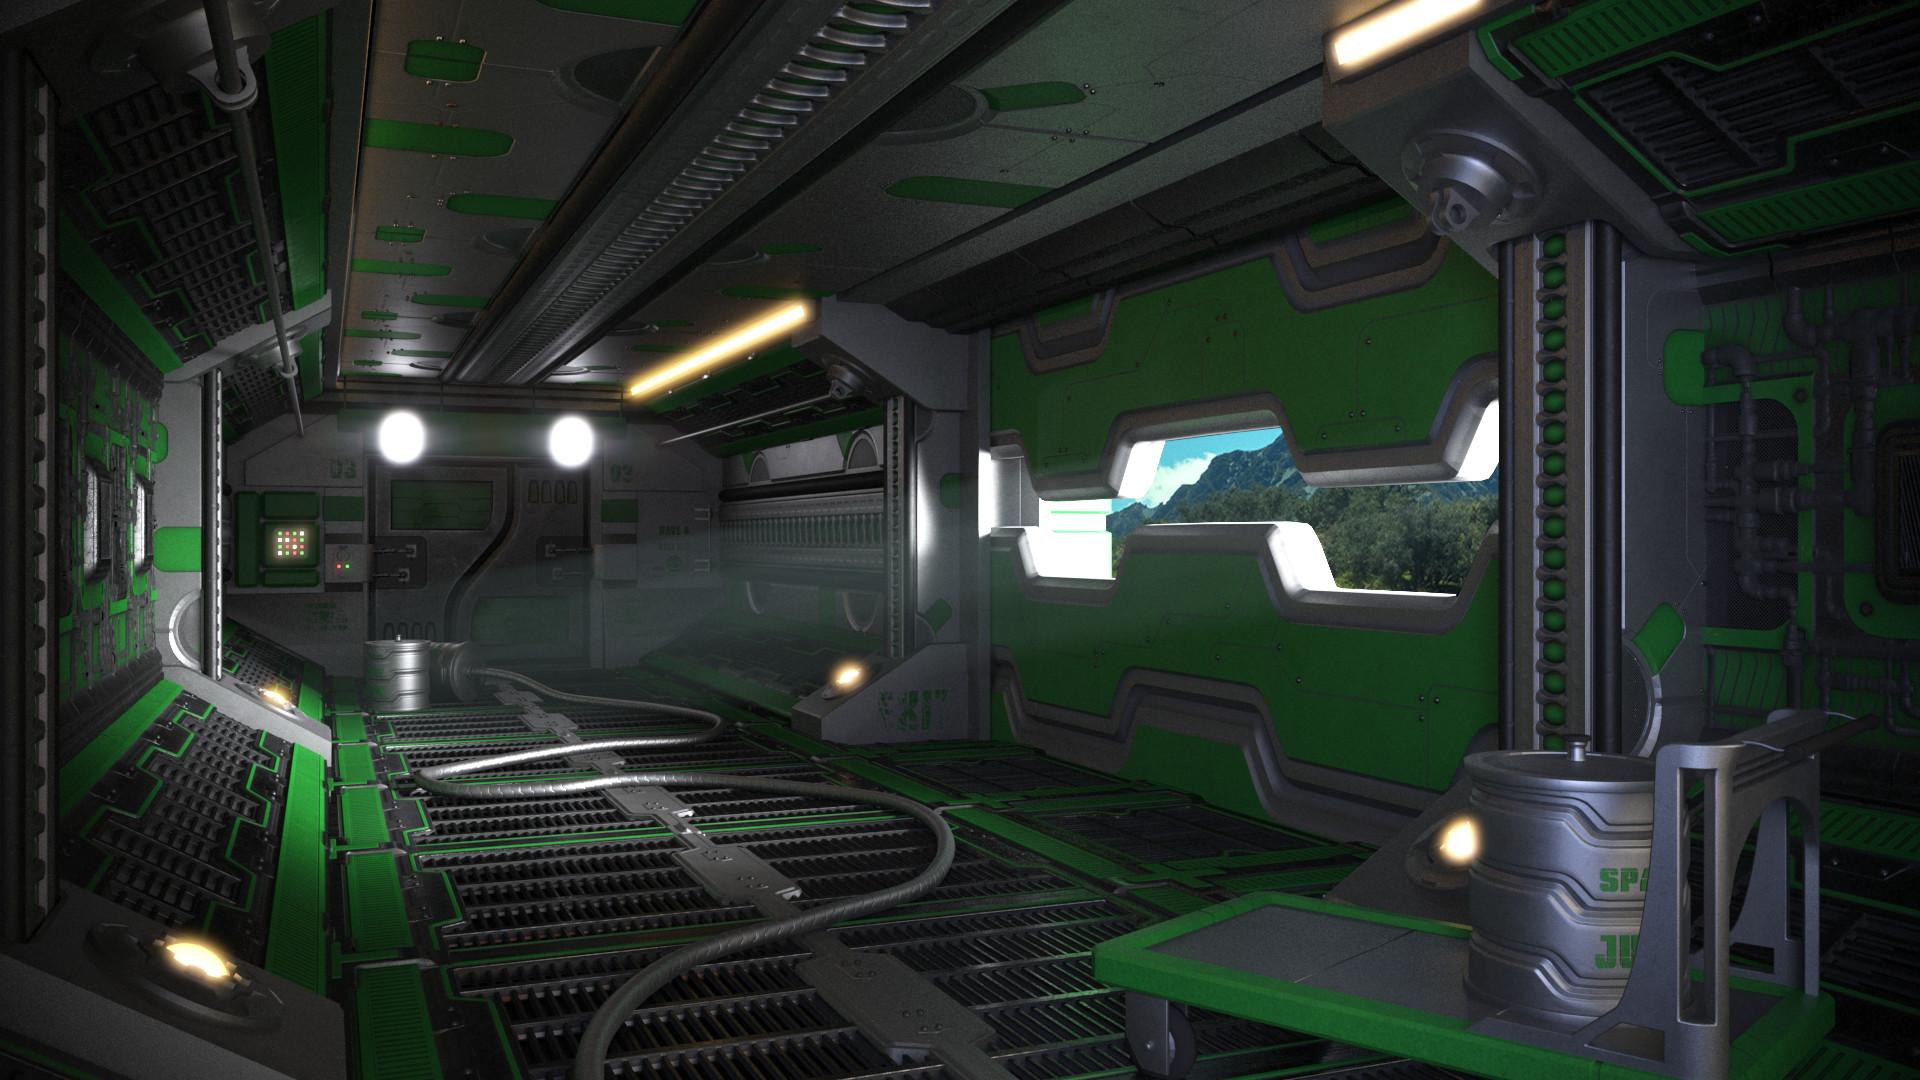 V-ray render, Green variant